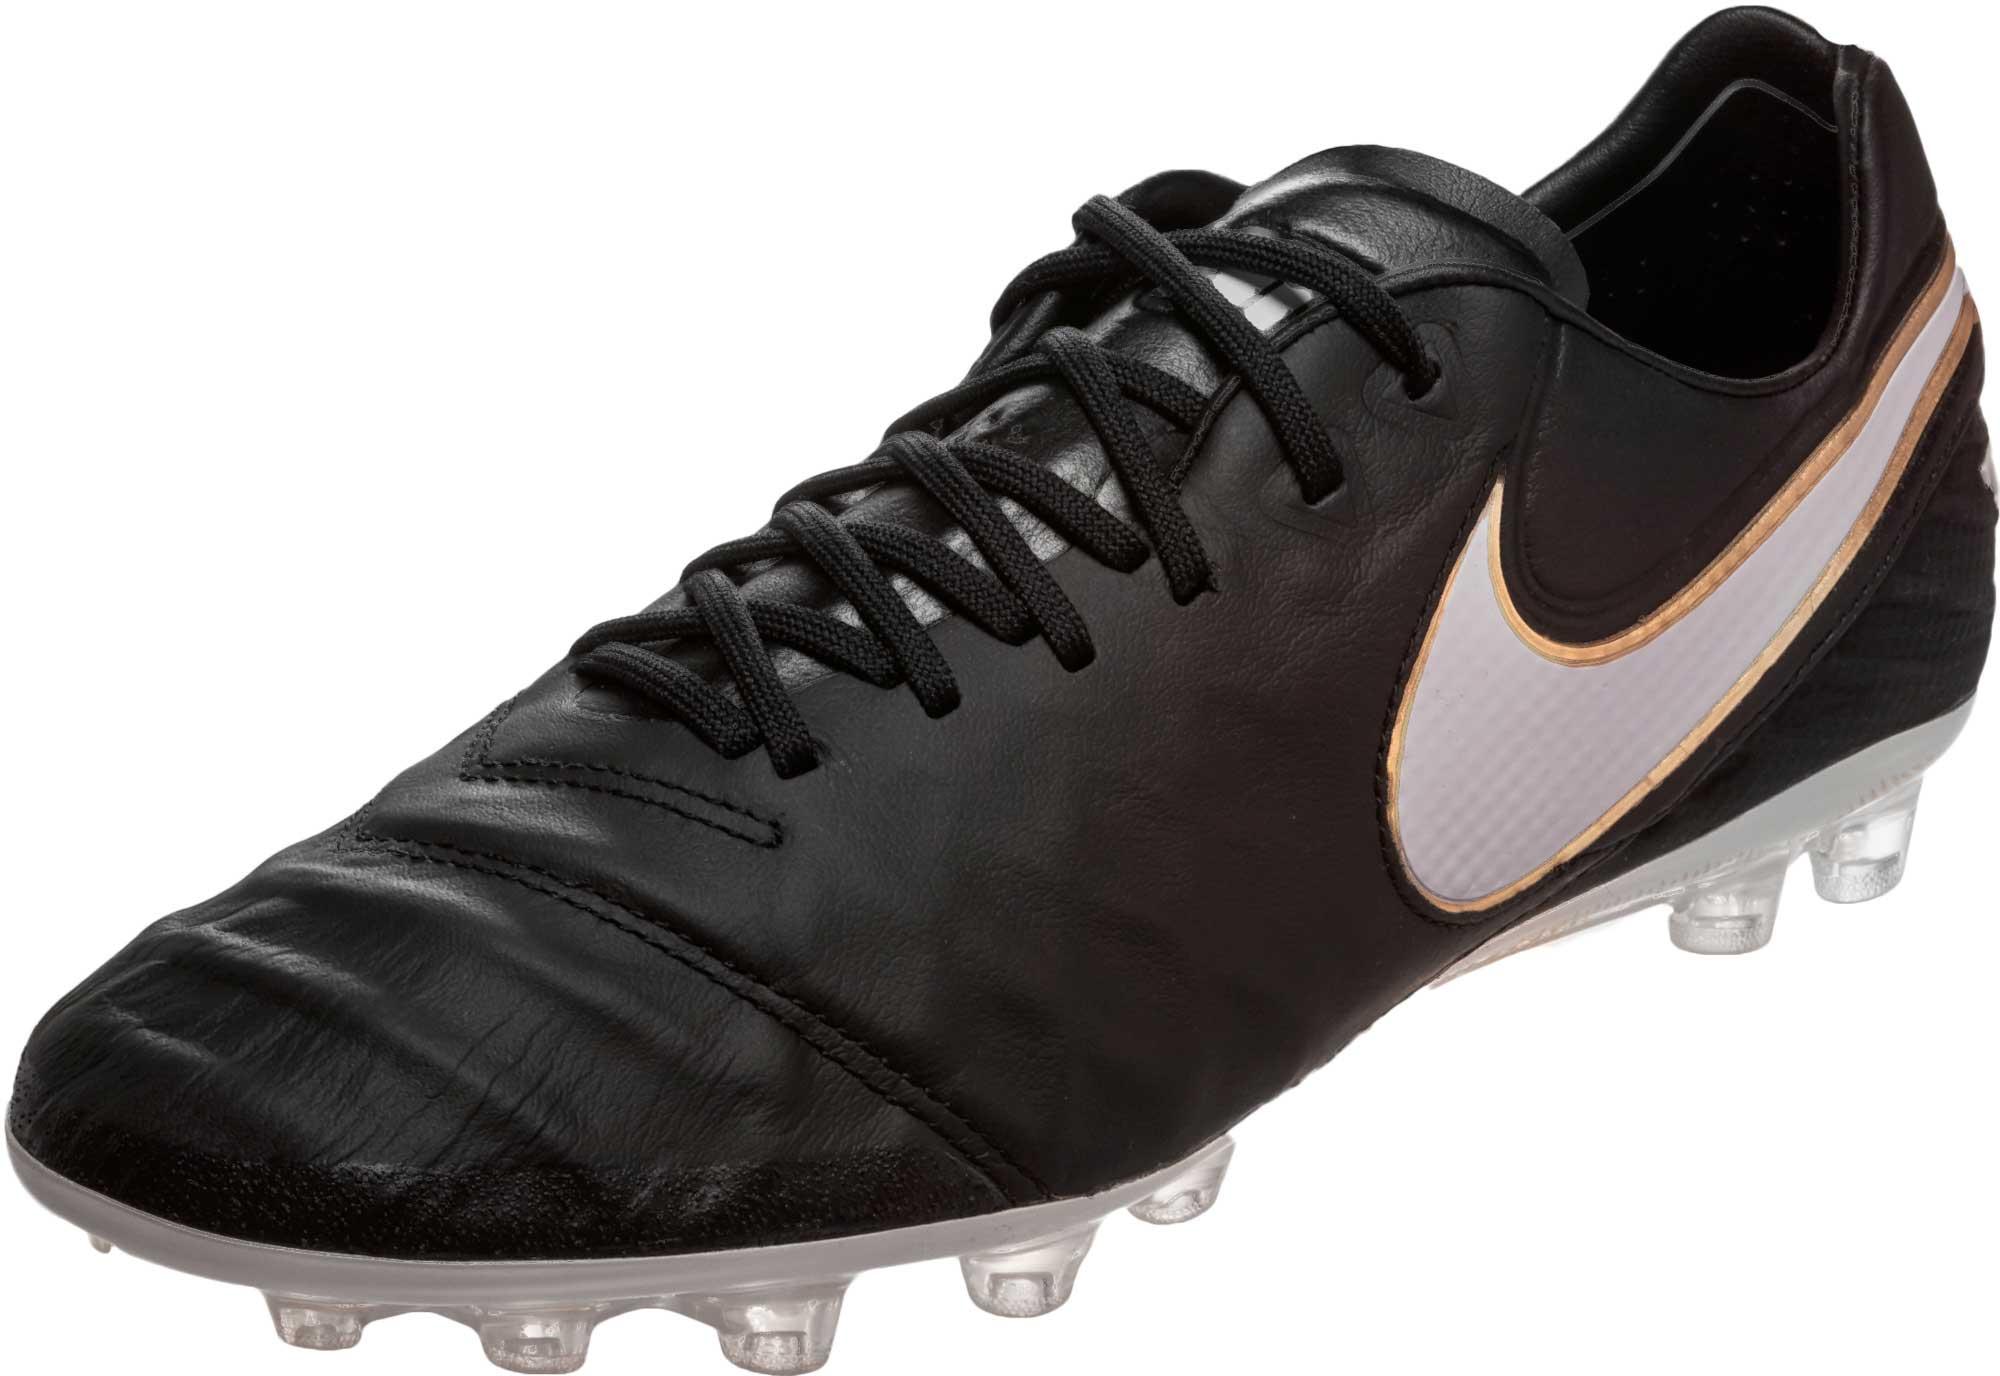 Nike Ag Soccer Shoes